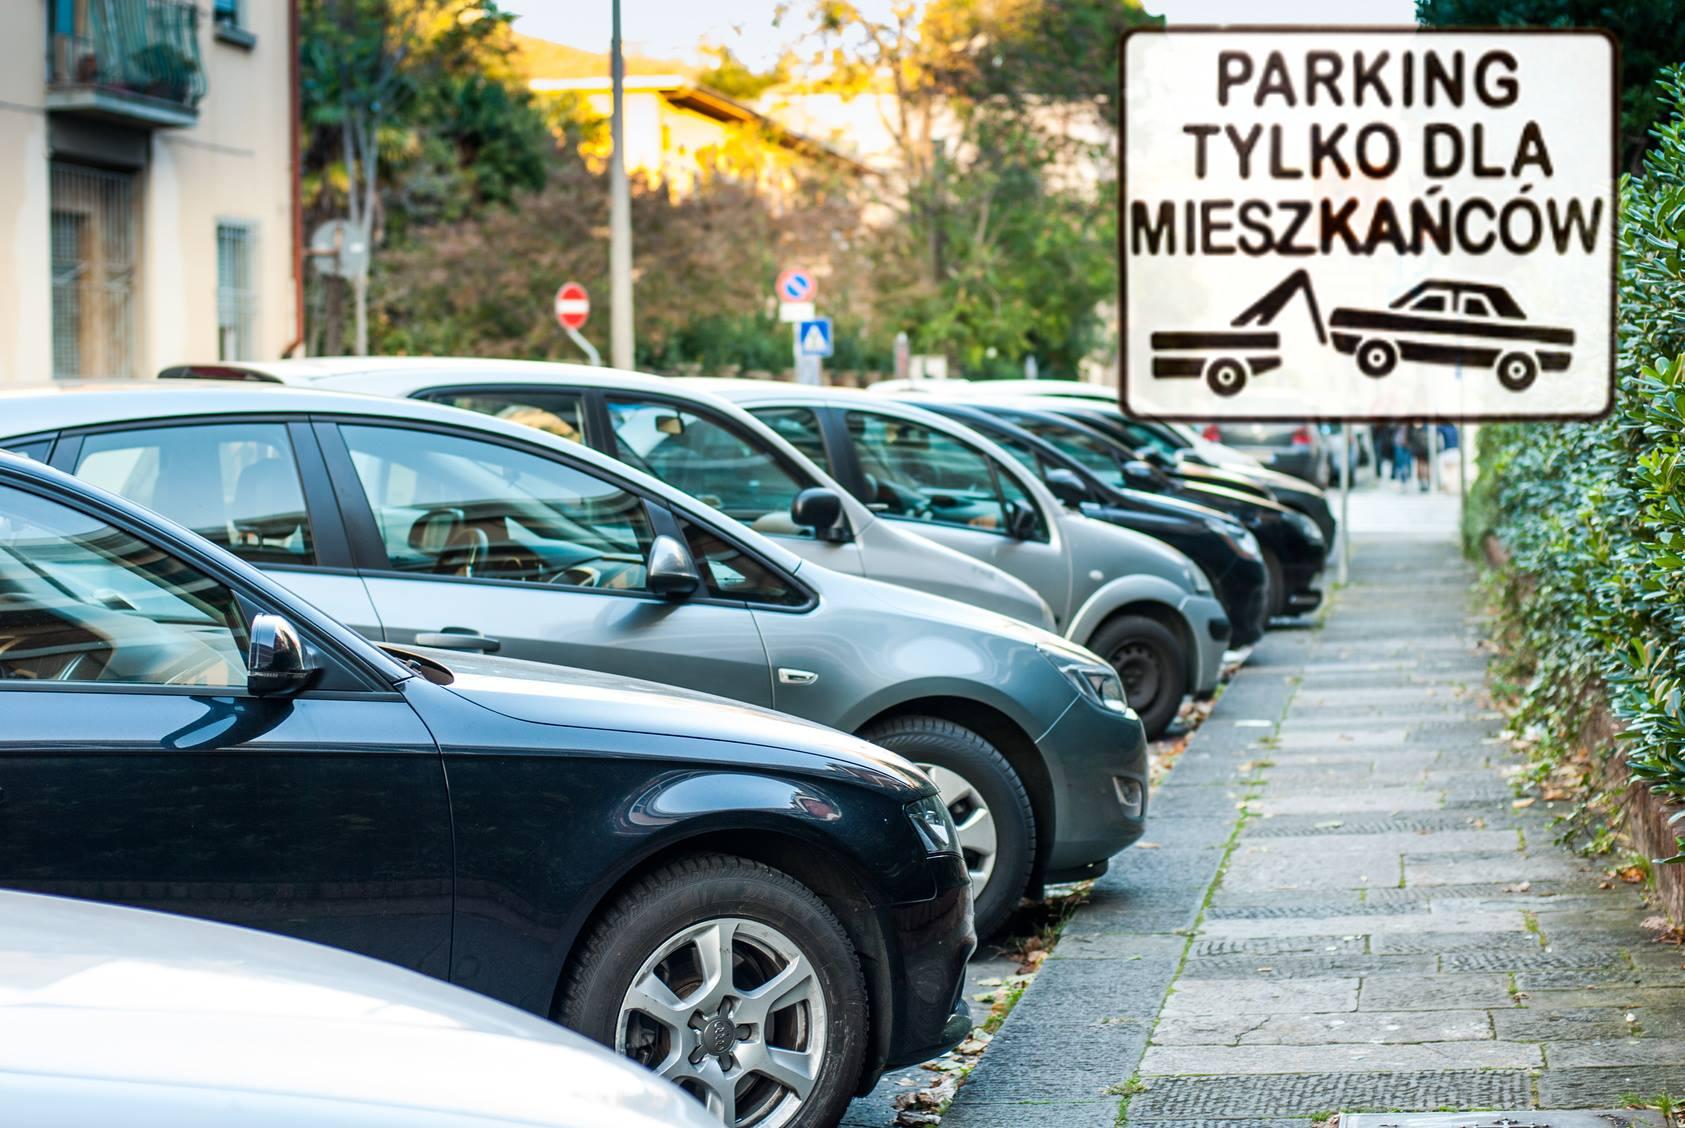 parking tylko dla mieszkańców - Radio Merkury